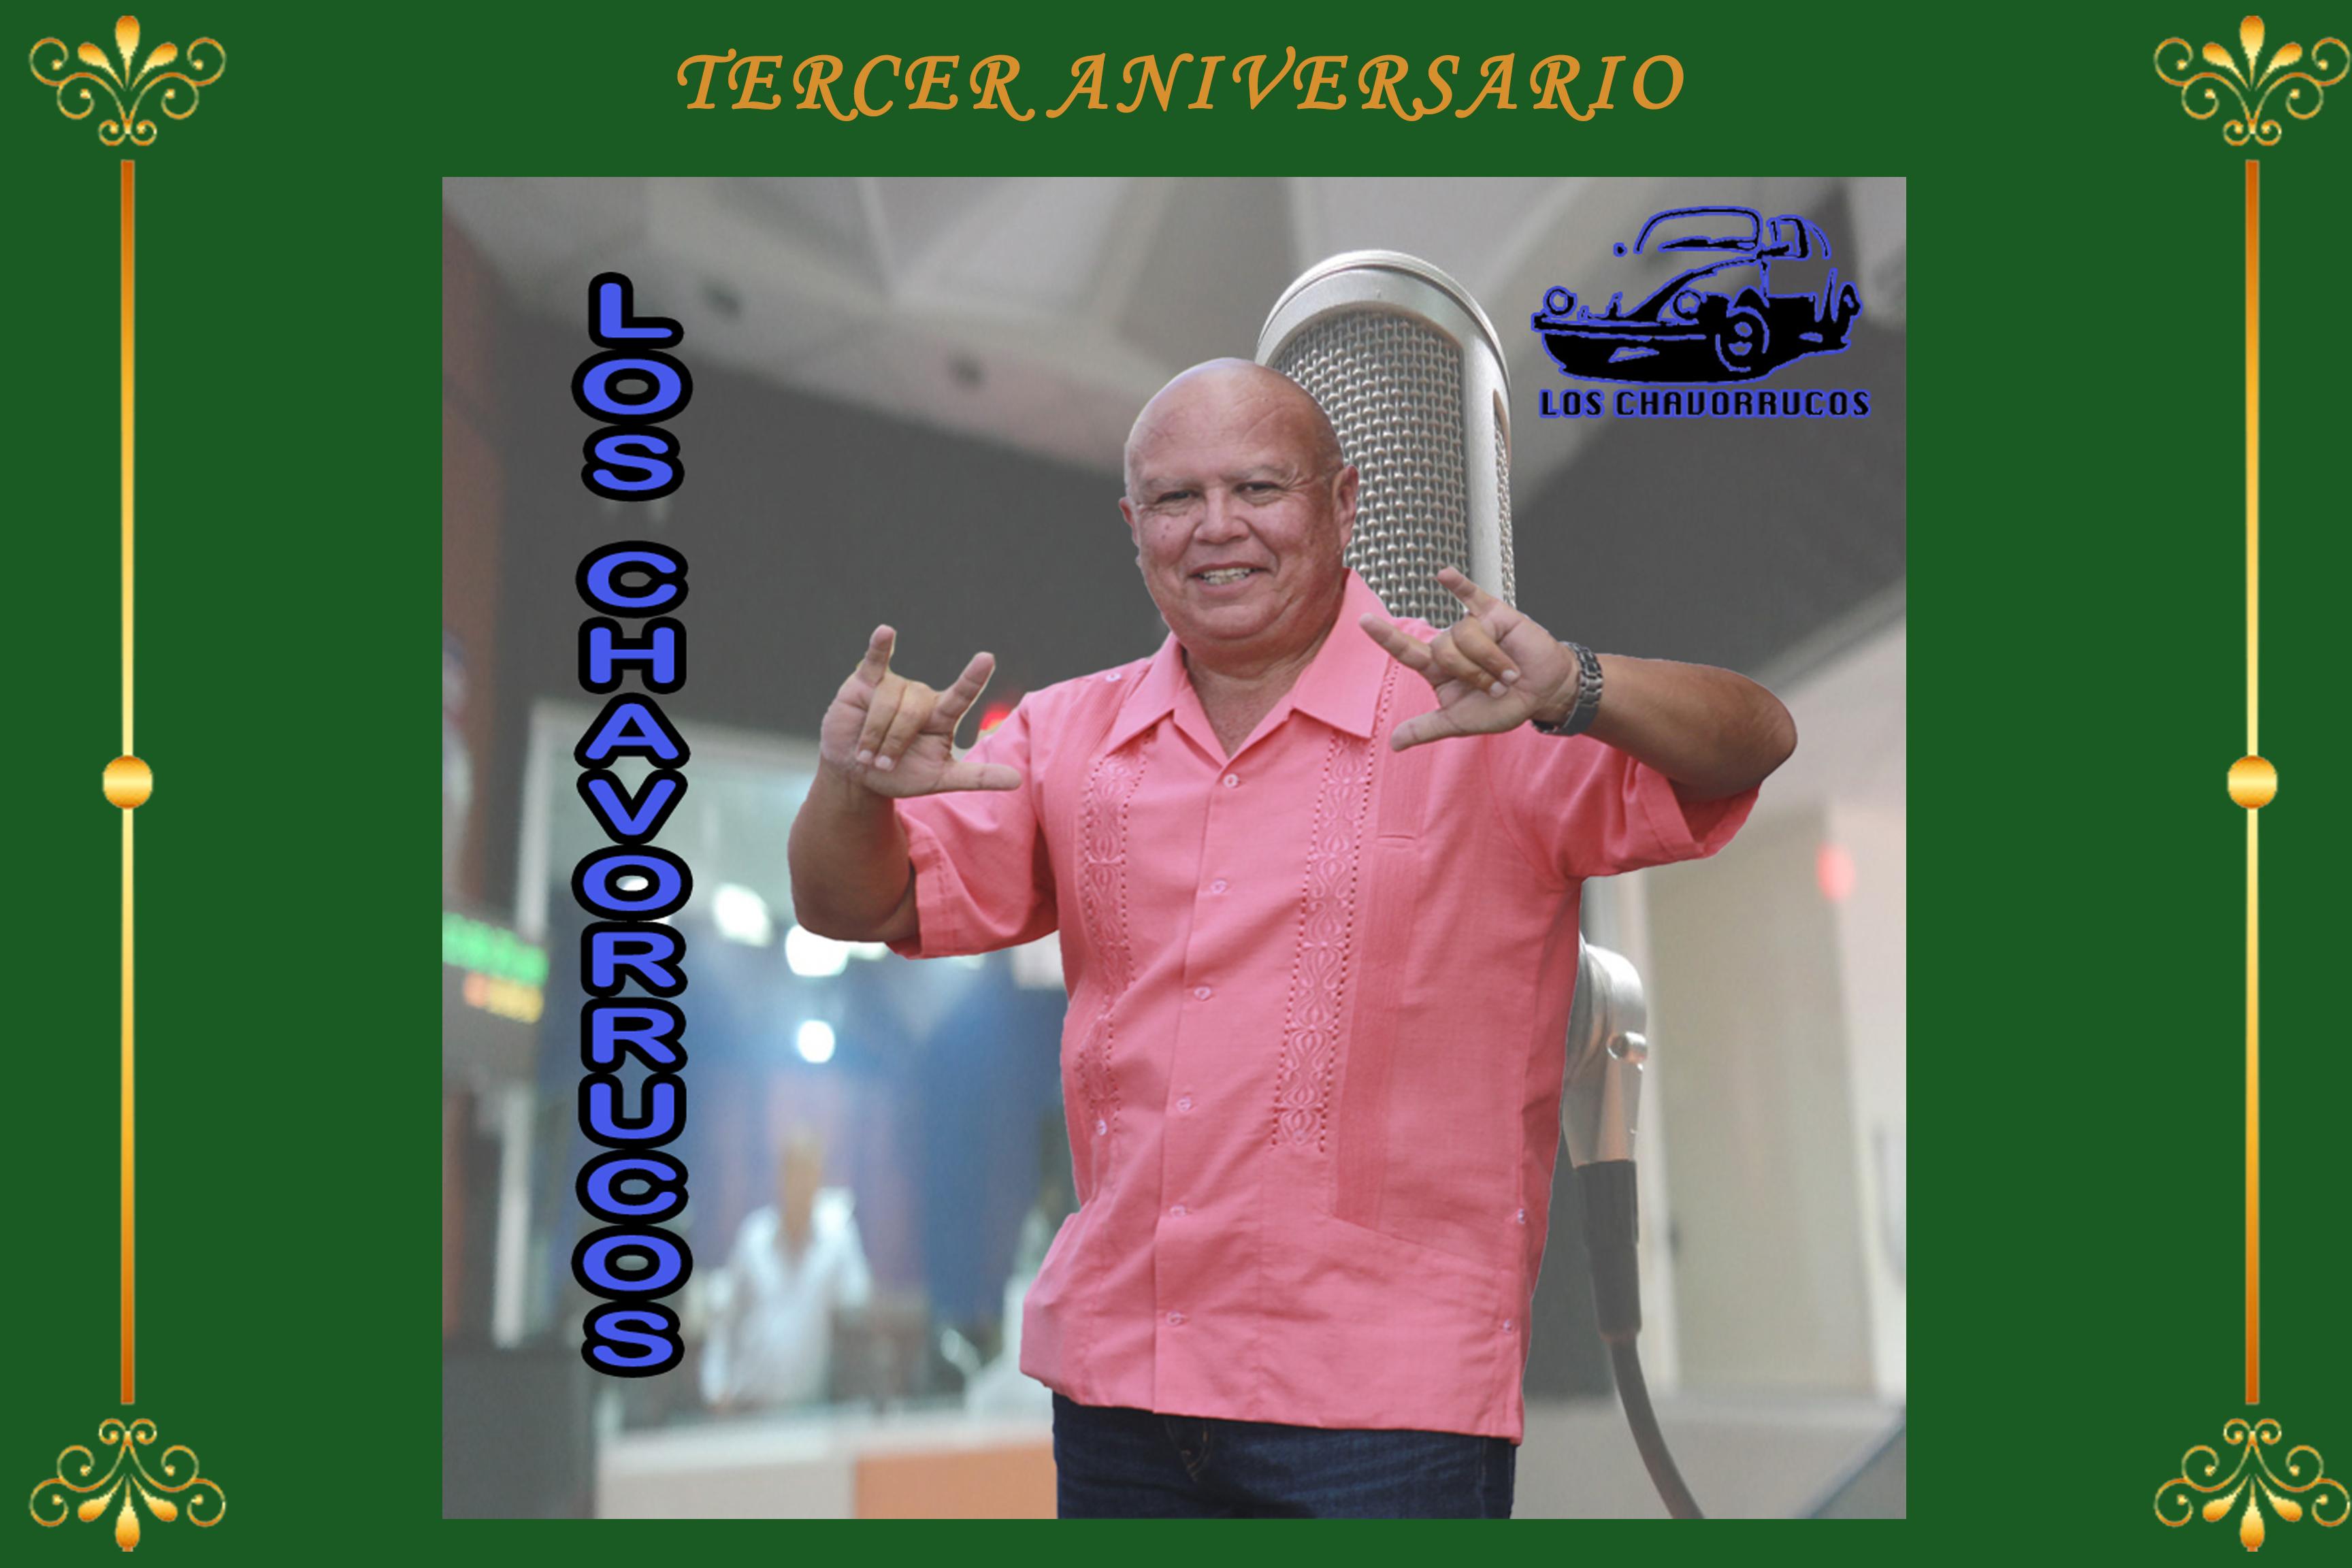 LOS CHAVORRUCOS TERCER